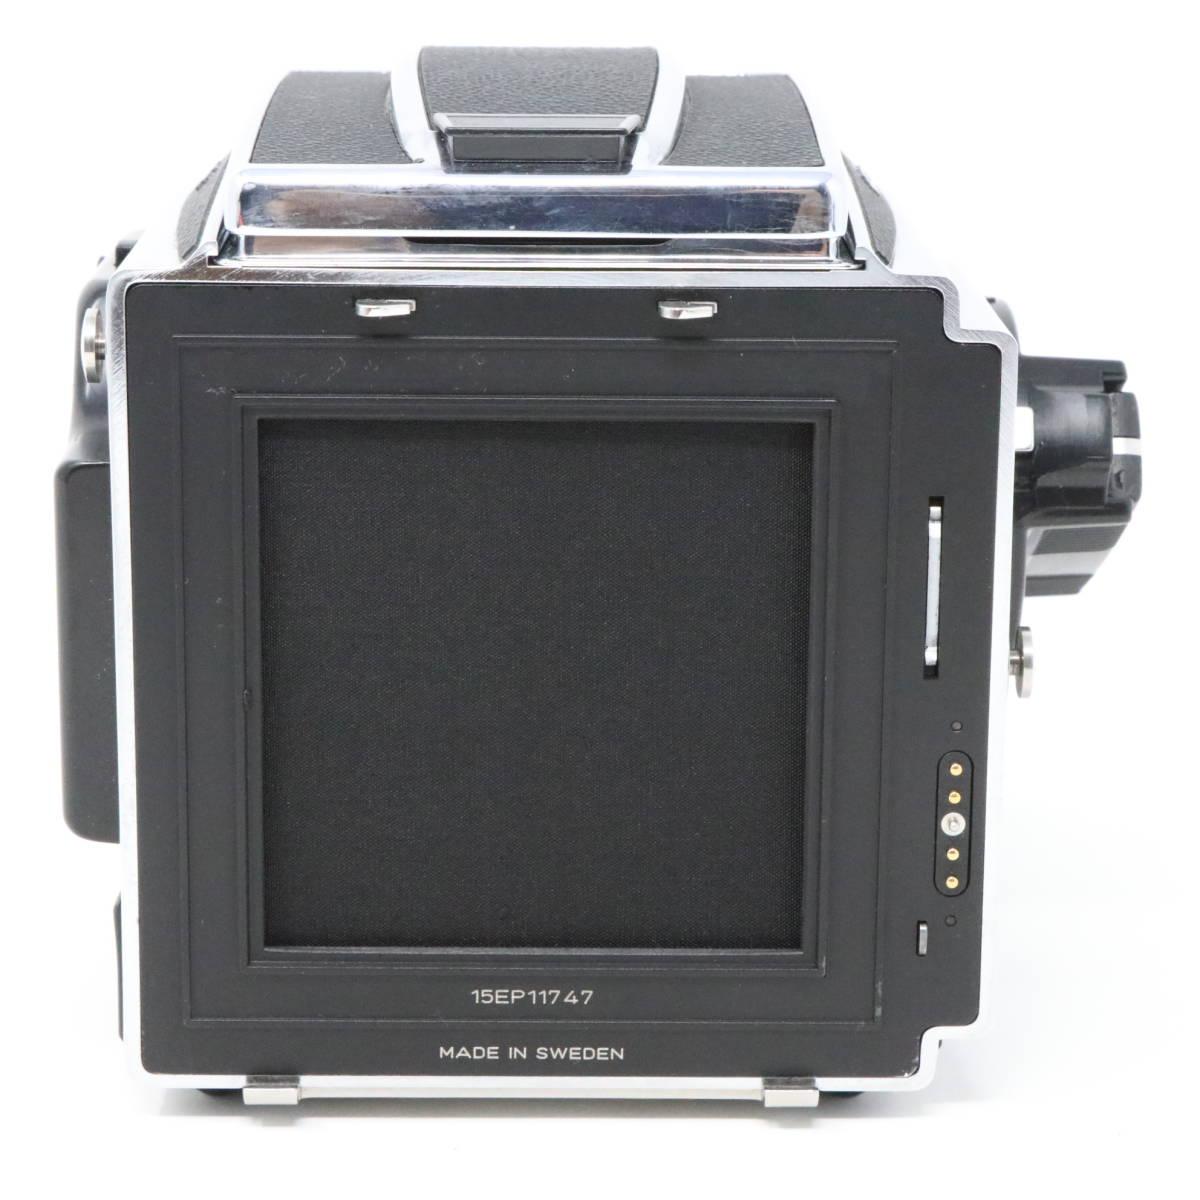 【中古良品完動品】 HASSELBLAD ハッセルブラッド 中判一眼レフカメラ ☆205TCC CarlZeiss Planar F 80mm F2.8 T* マガジン12TCC +16TCC付_画像4